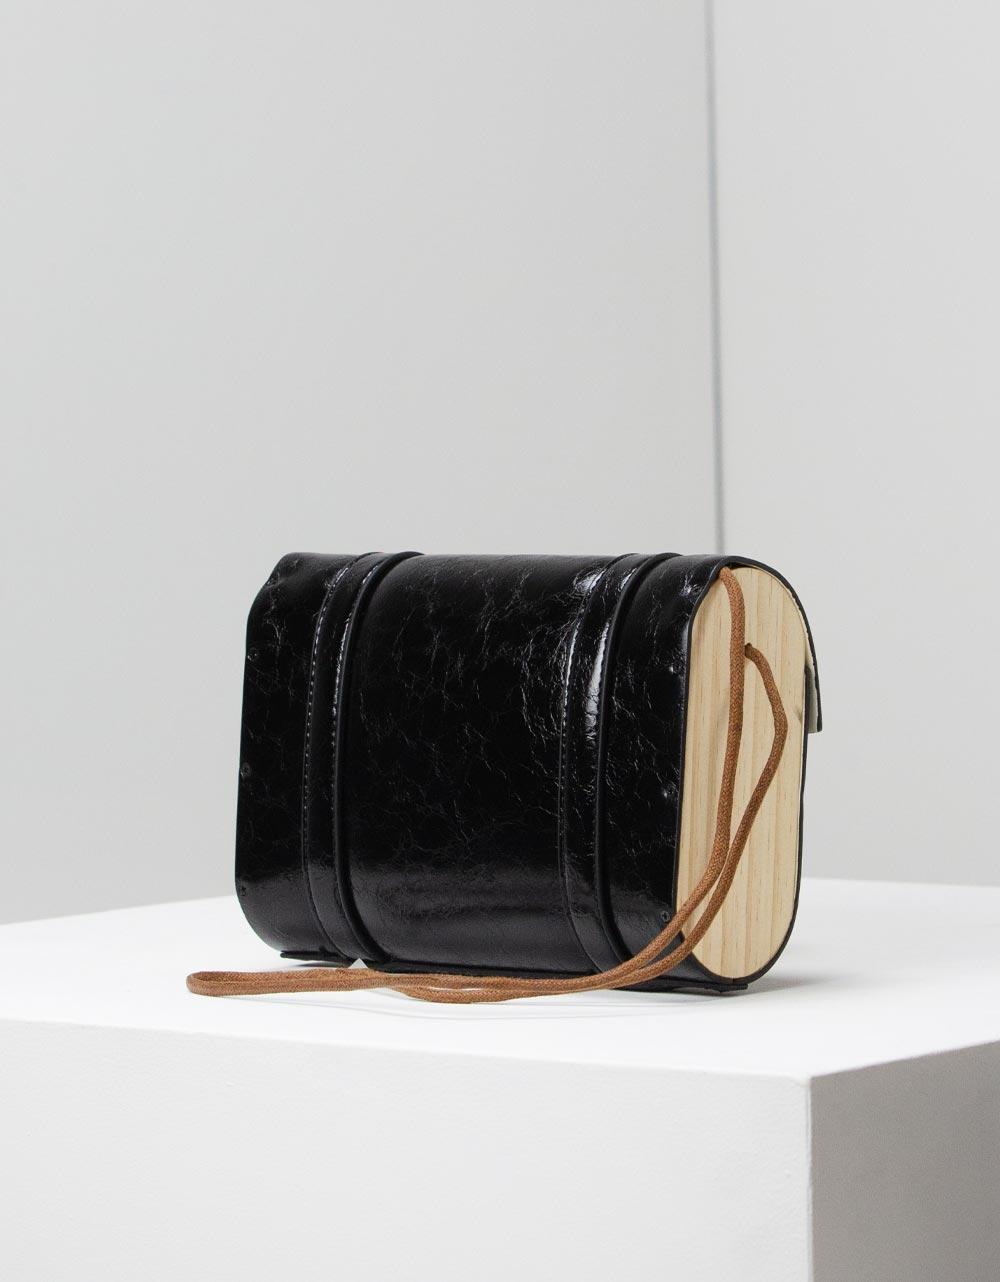 Εικόνα από Γυναικεία τσάντα ώμου με διακοσμητικά λουράκια Μαύρο